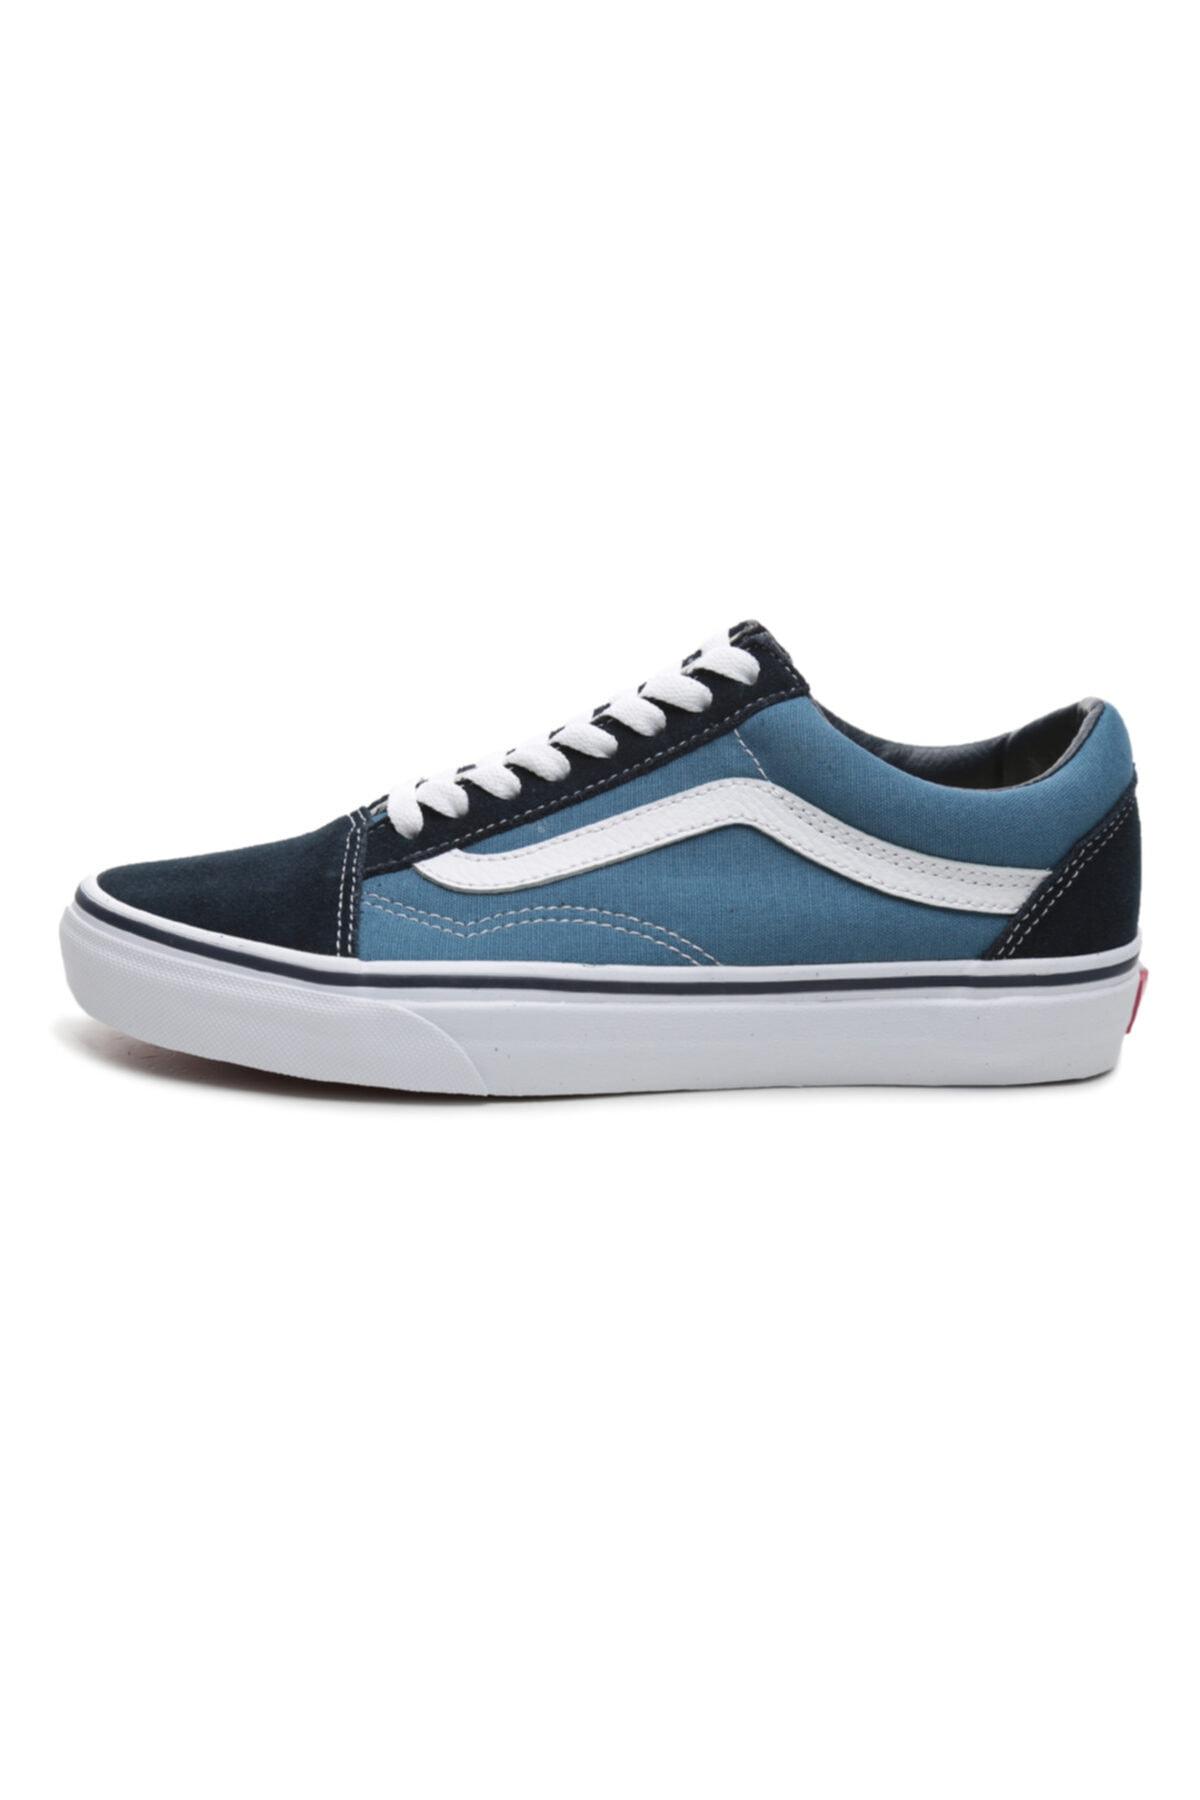 Vans Old Skool Unisex Spor Ayakkabı Mavi 1